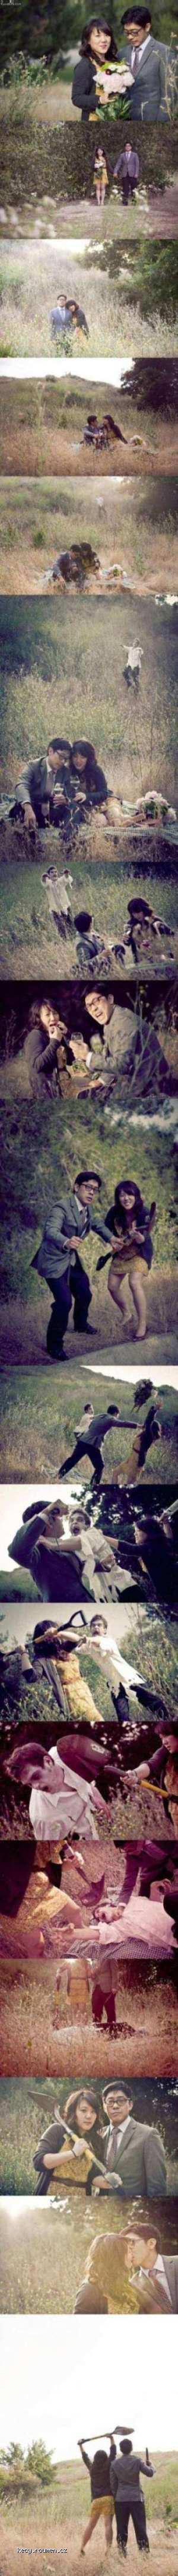 wedding picture zombie